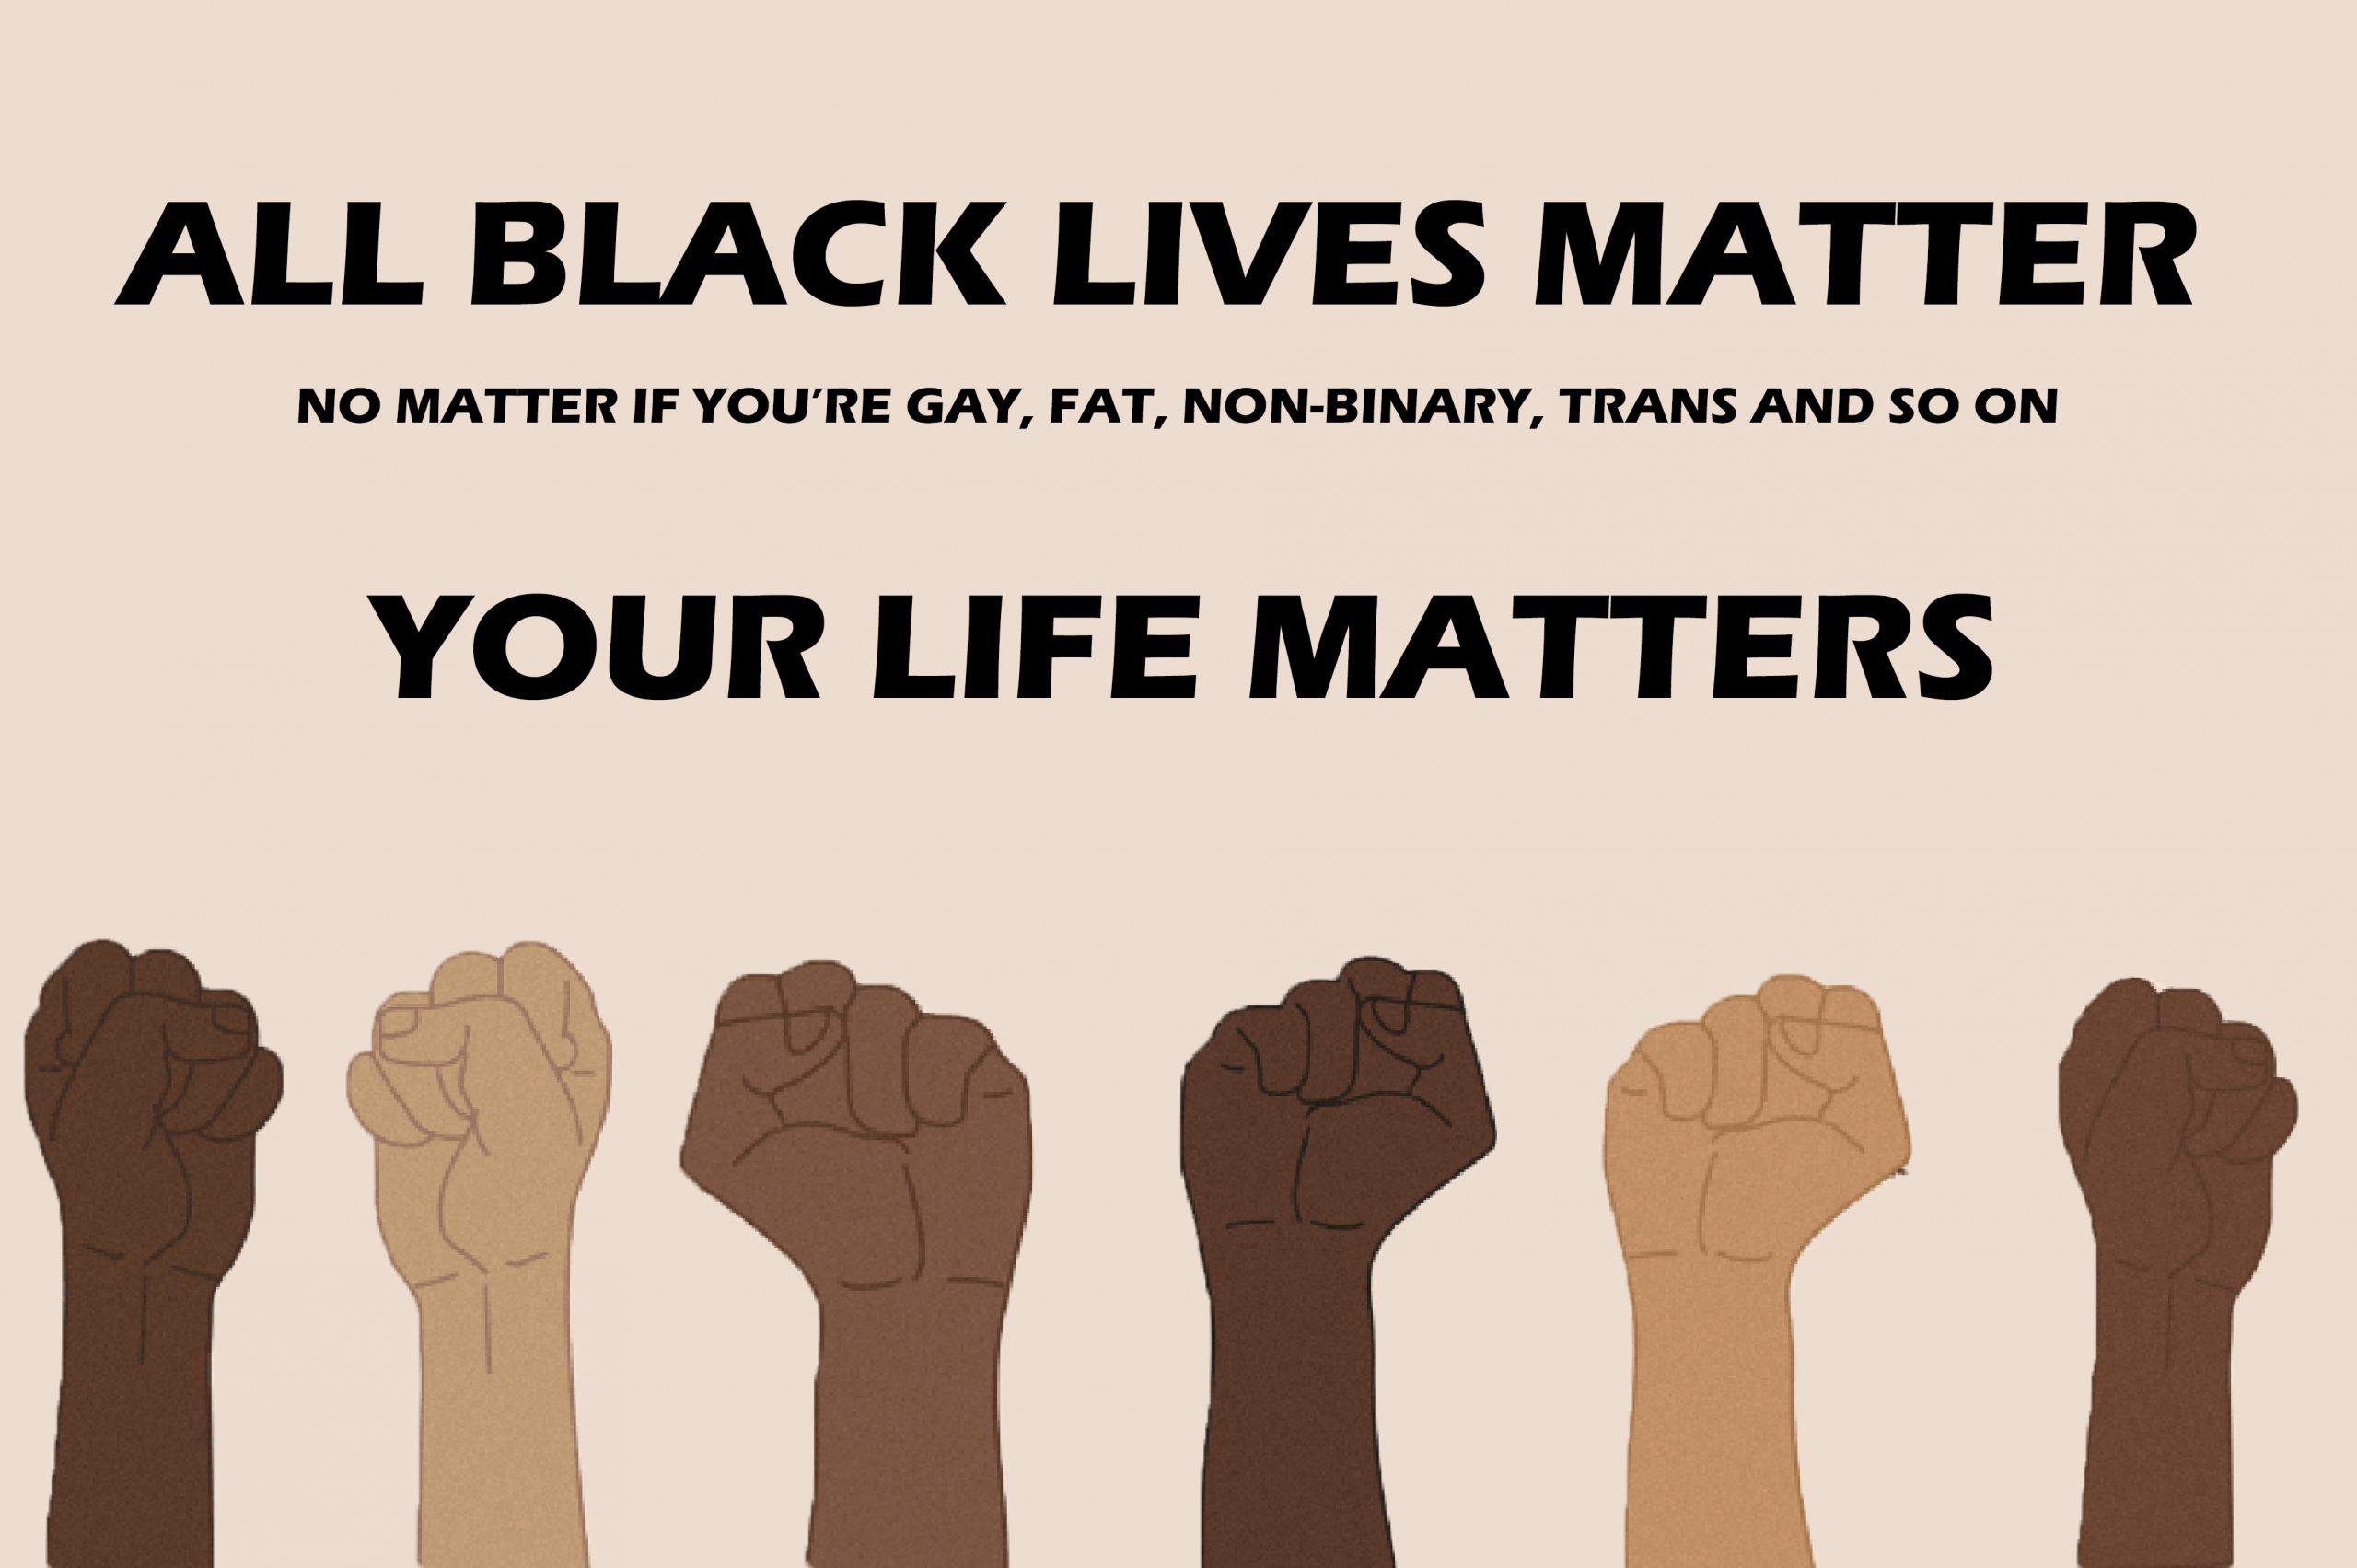 All Black Lives Matter, Kymoni McDermot <br>3834 x 2550 px <br> Graphic Design <br>